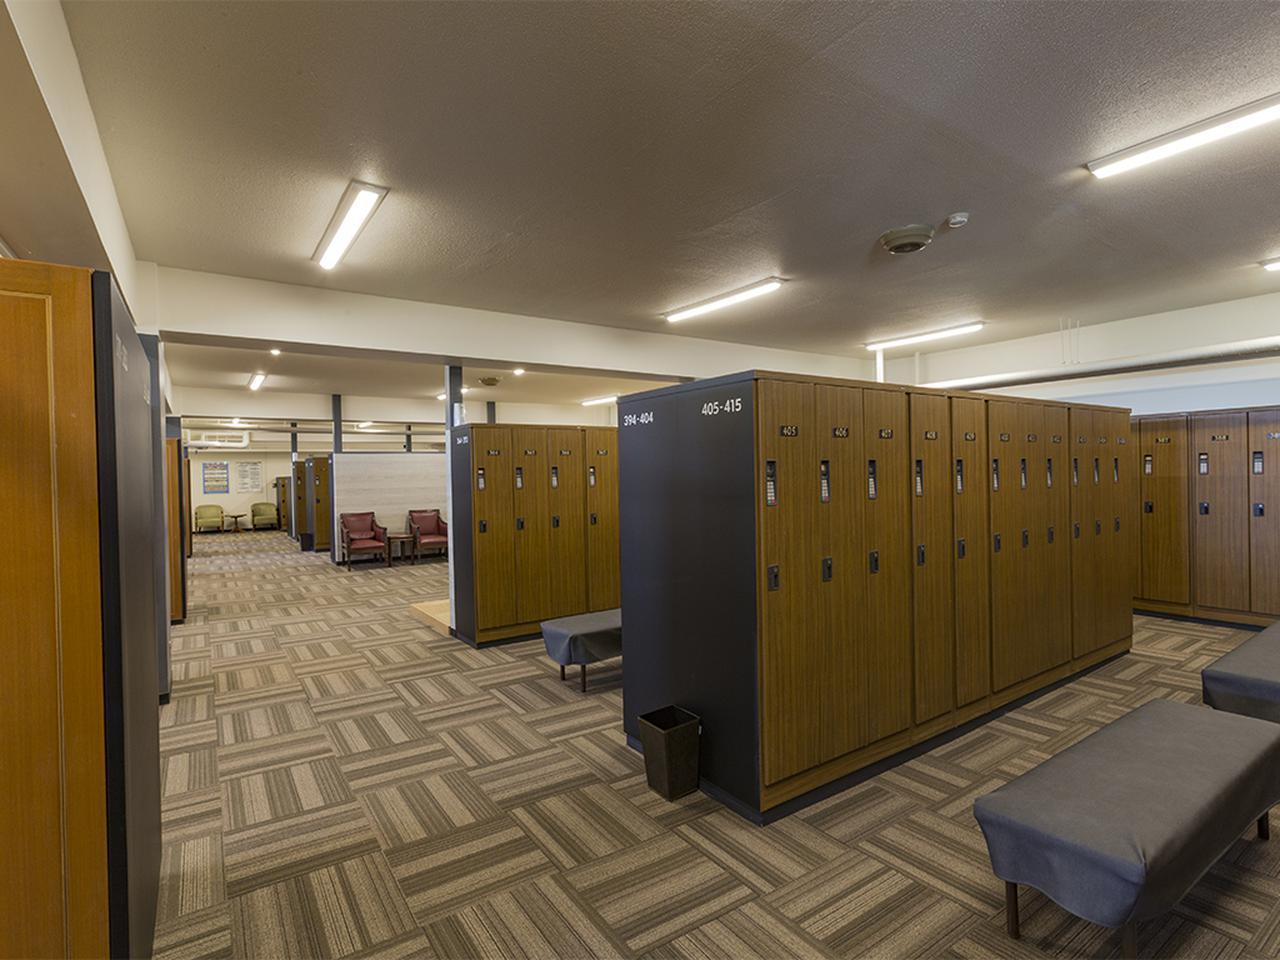 画像: ゆったりとレイアウトされた男性ロッカー室。中央は浴室入口327本。他に貸しクラブロッカー87本